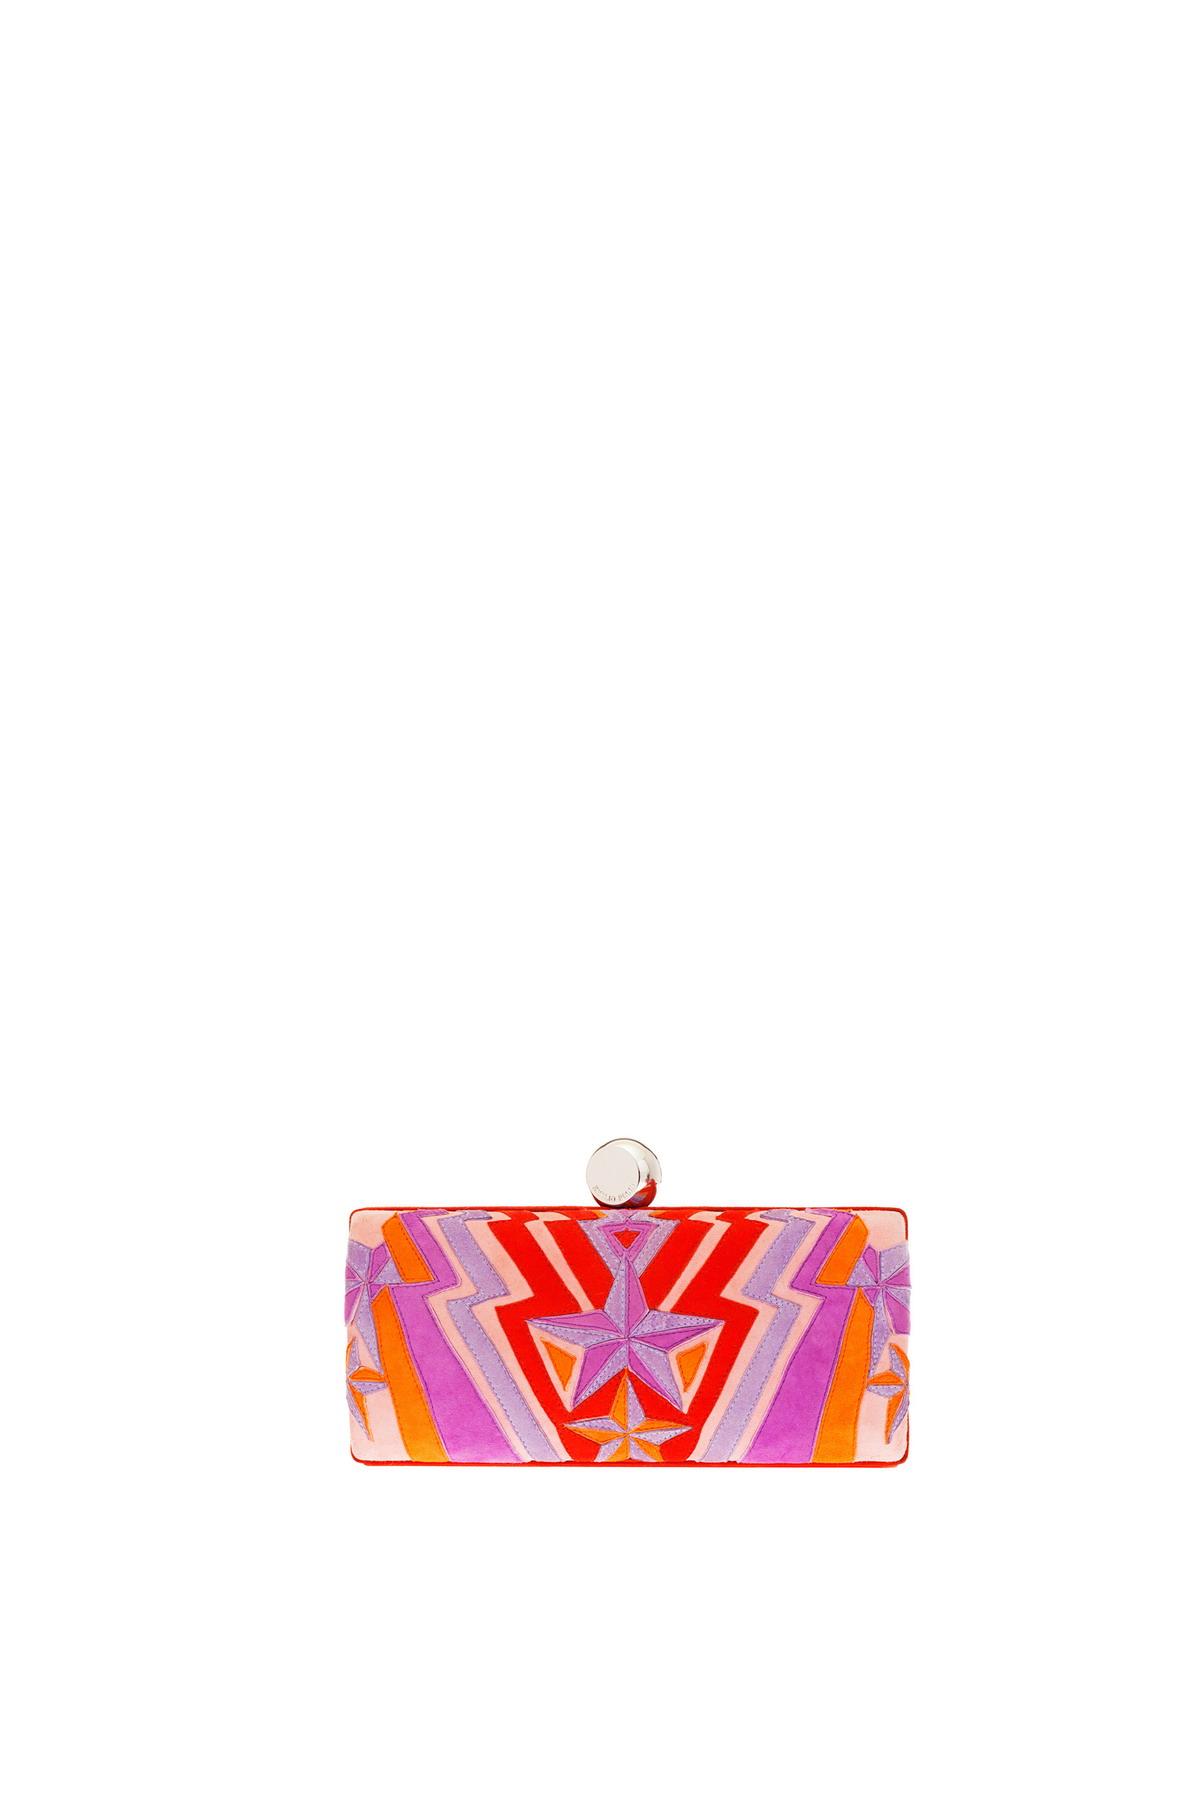 15_EmilioPucci_accessories_SS2015_ridimensionare